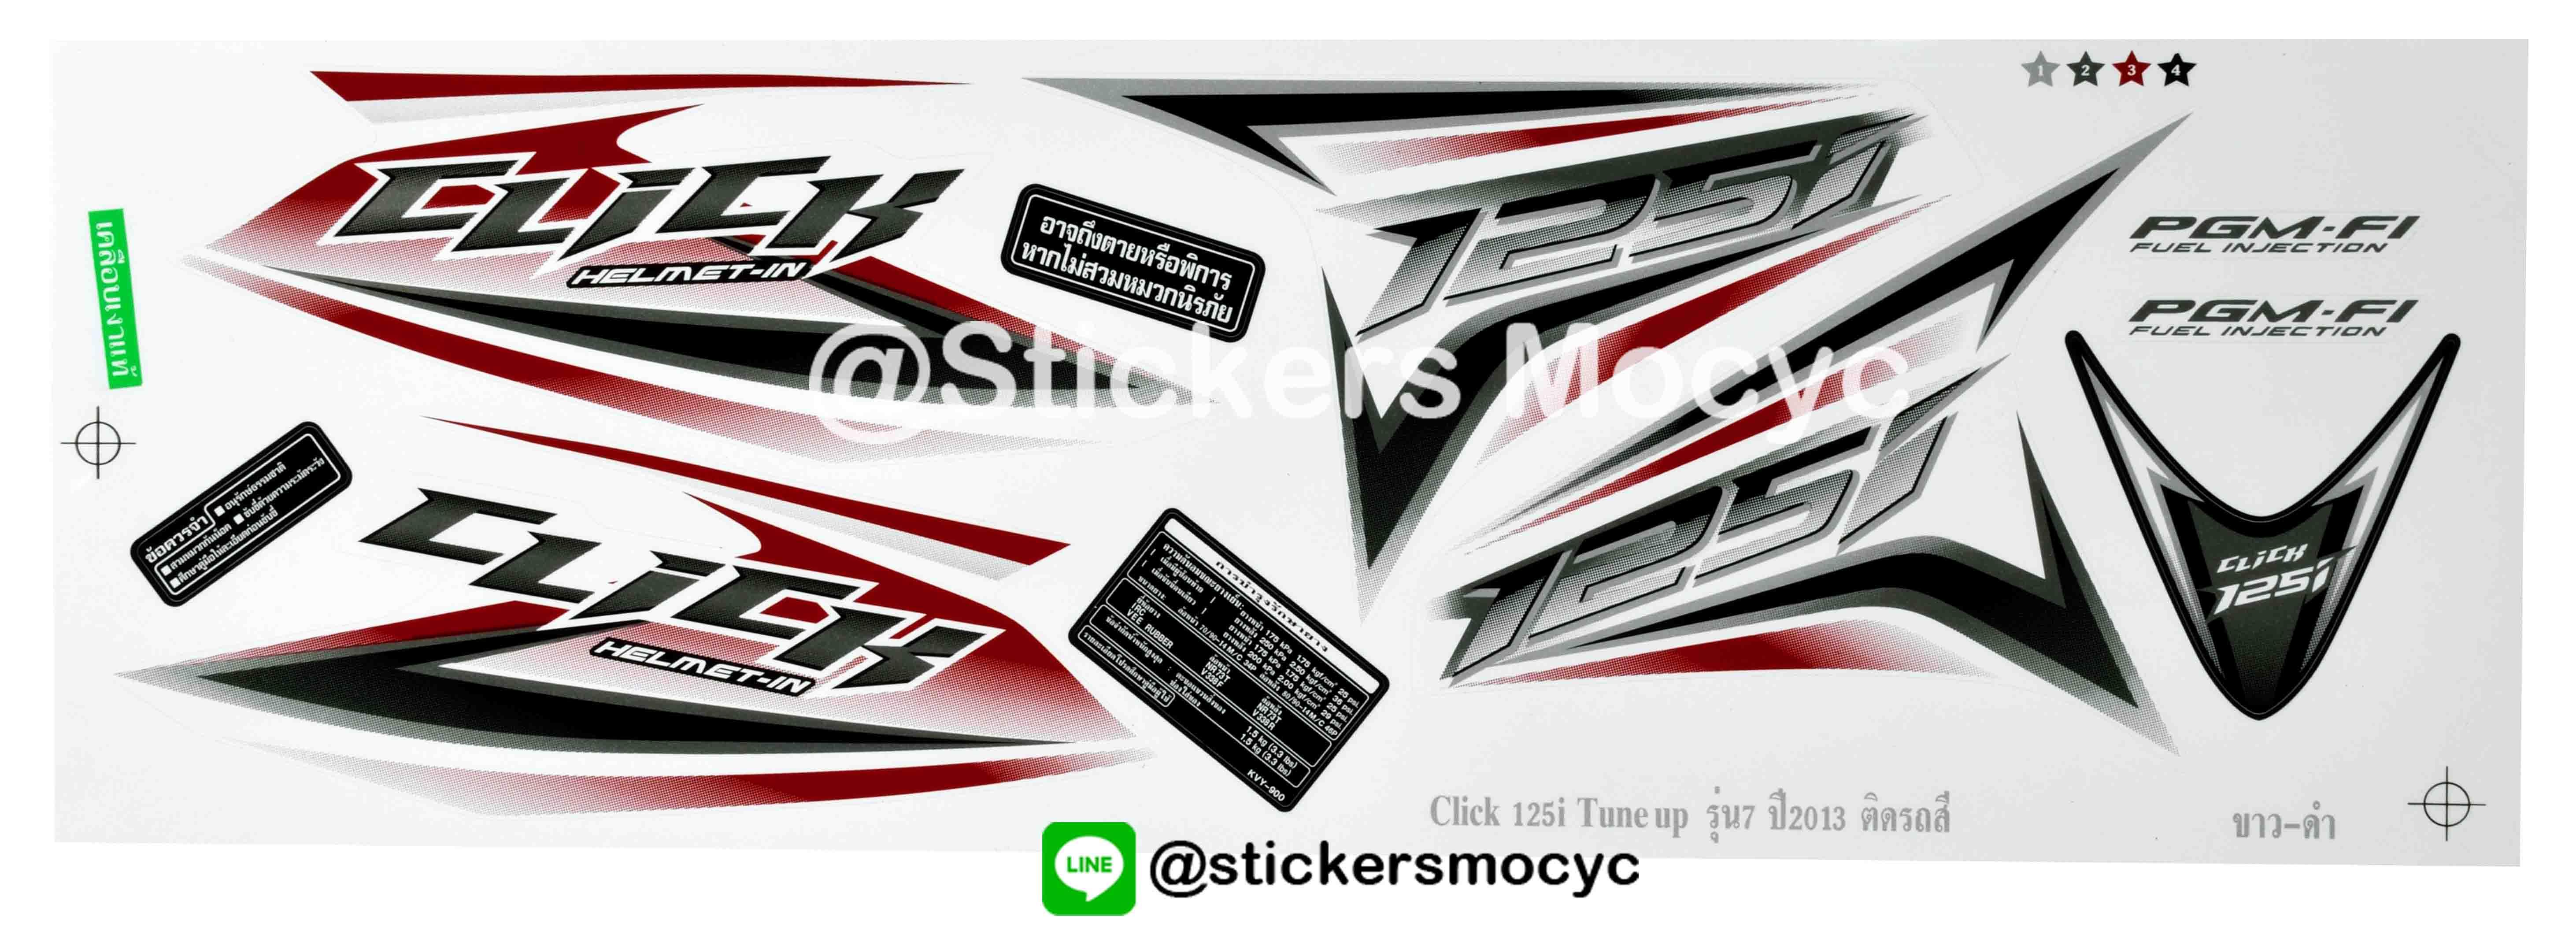 สติ๊กเกอร์ click 125i sticker click 125i แต่ง ปี 2013 รุ่น 7 ติดรถ สีขาว ดำ (เคลือบเงา)